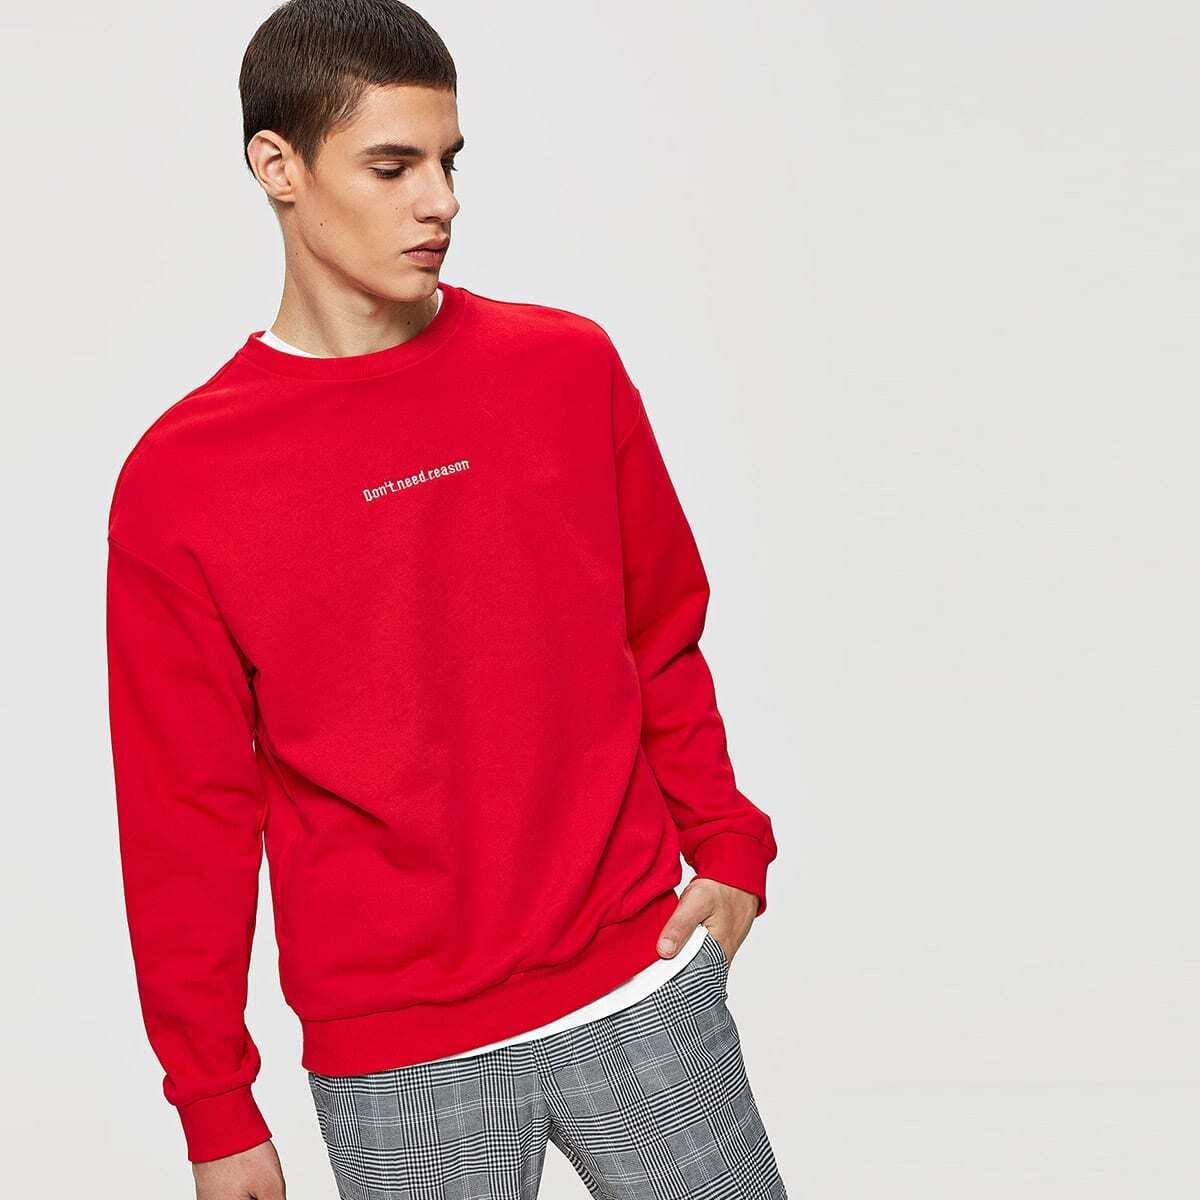 Rode sweatshirt met opschrift